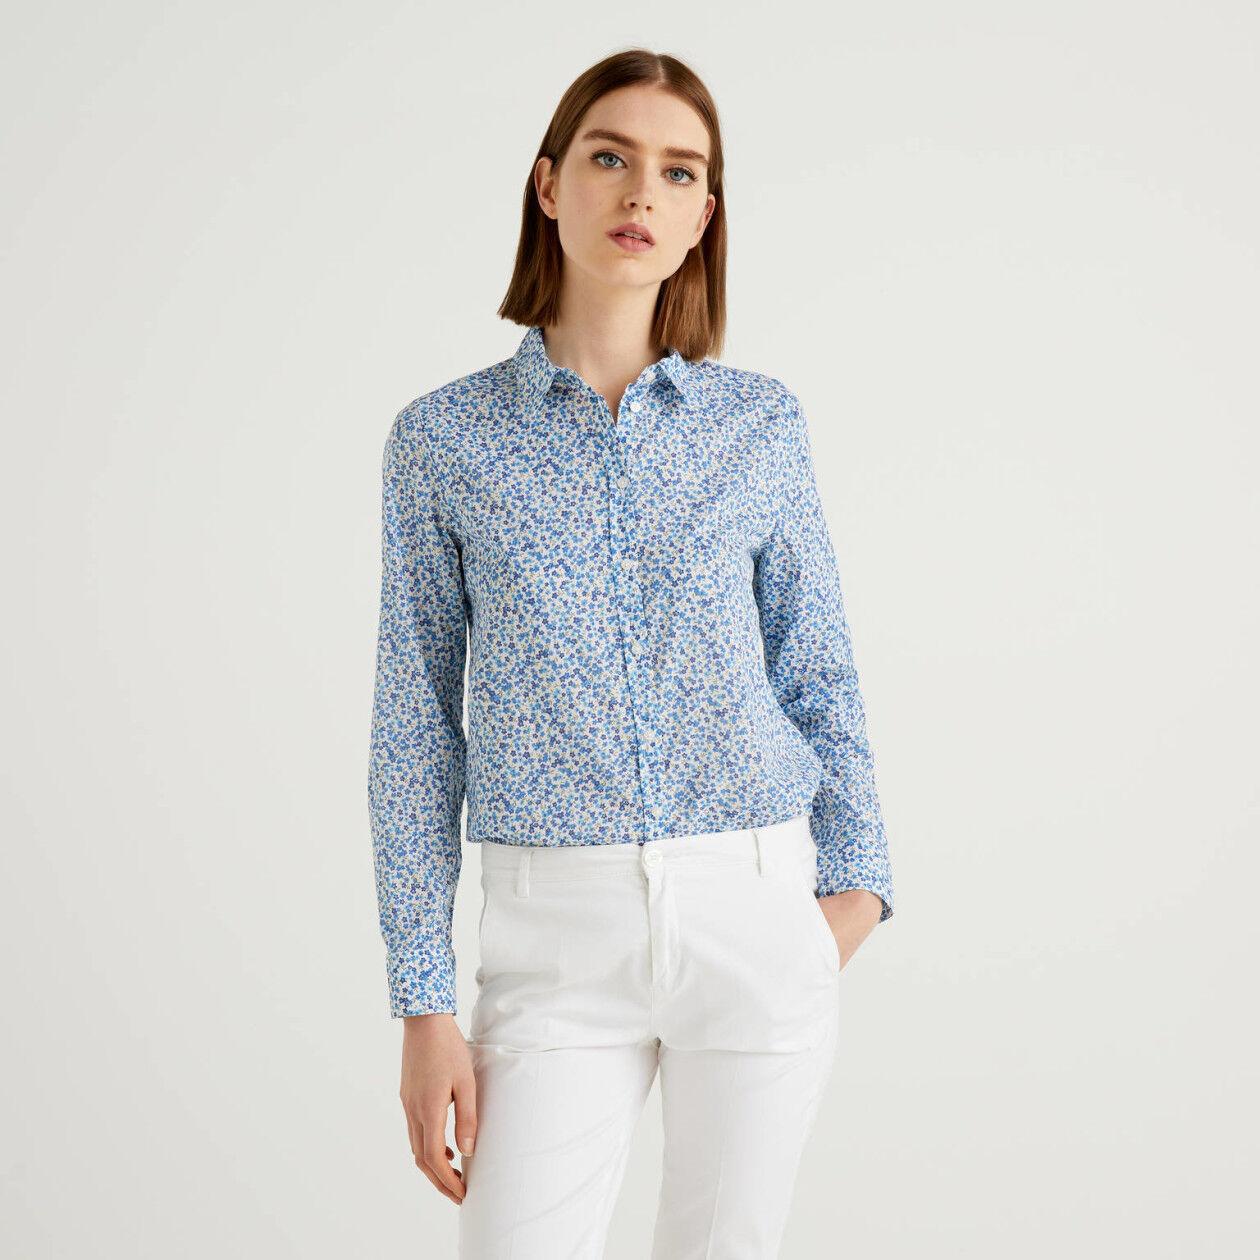 Camisa com estampa floral azul-celeste 100% algodão